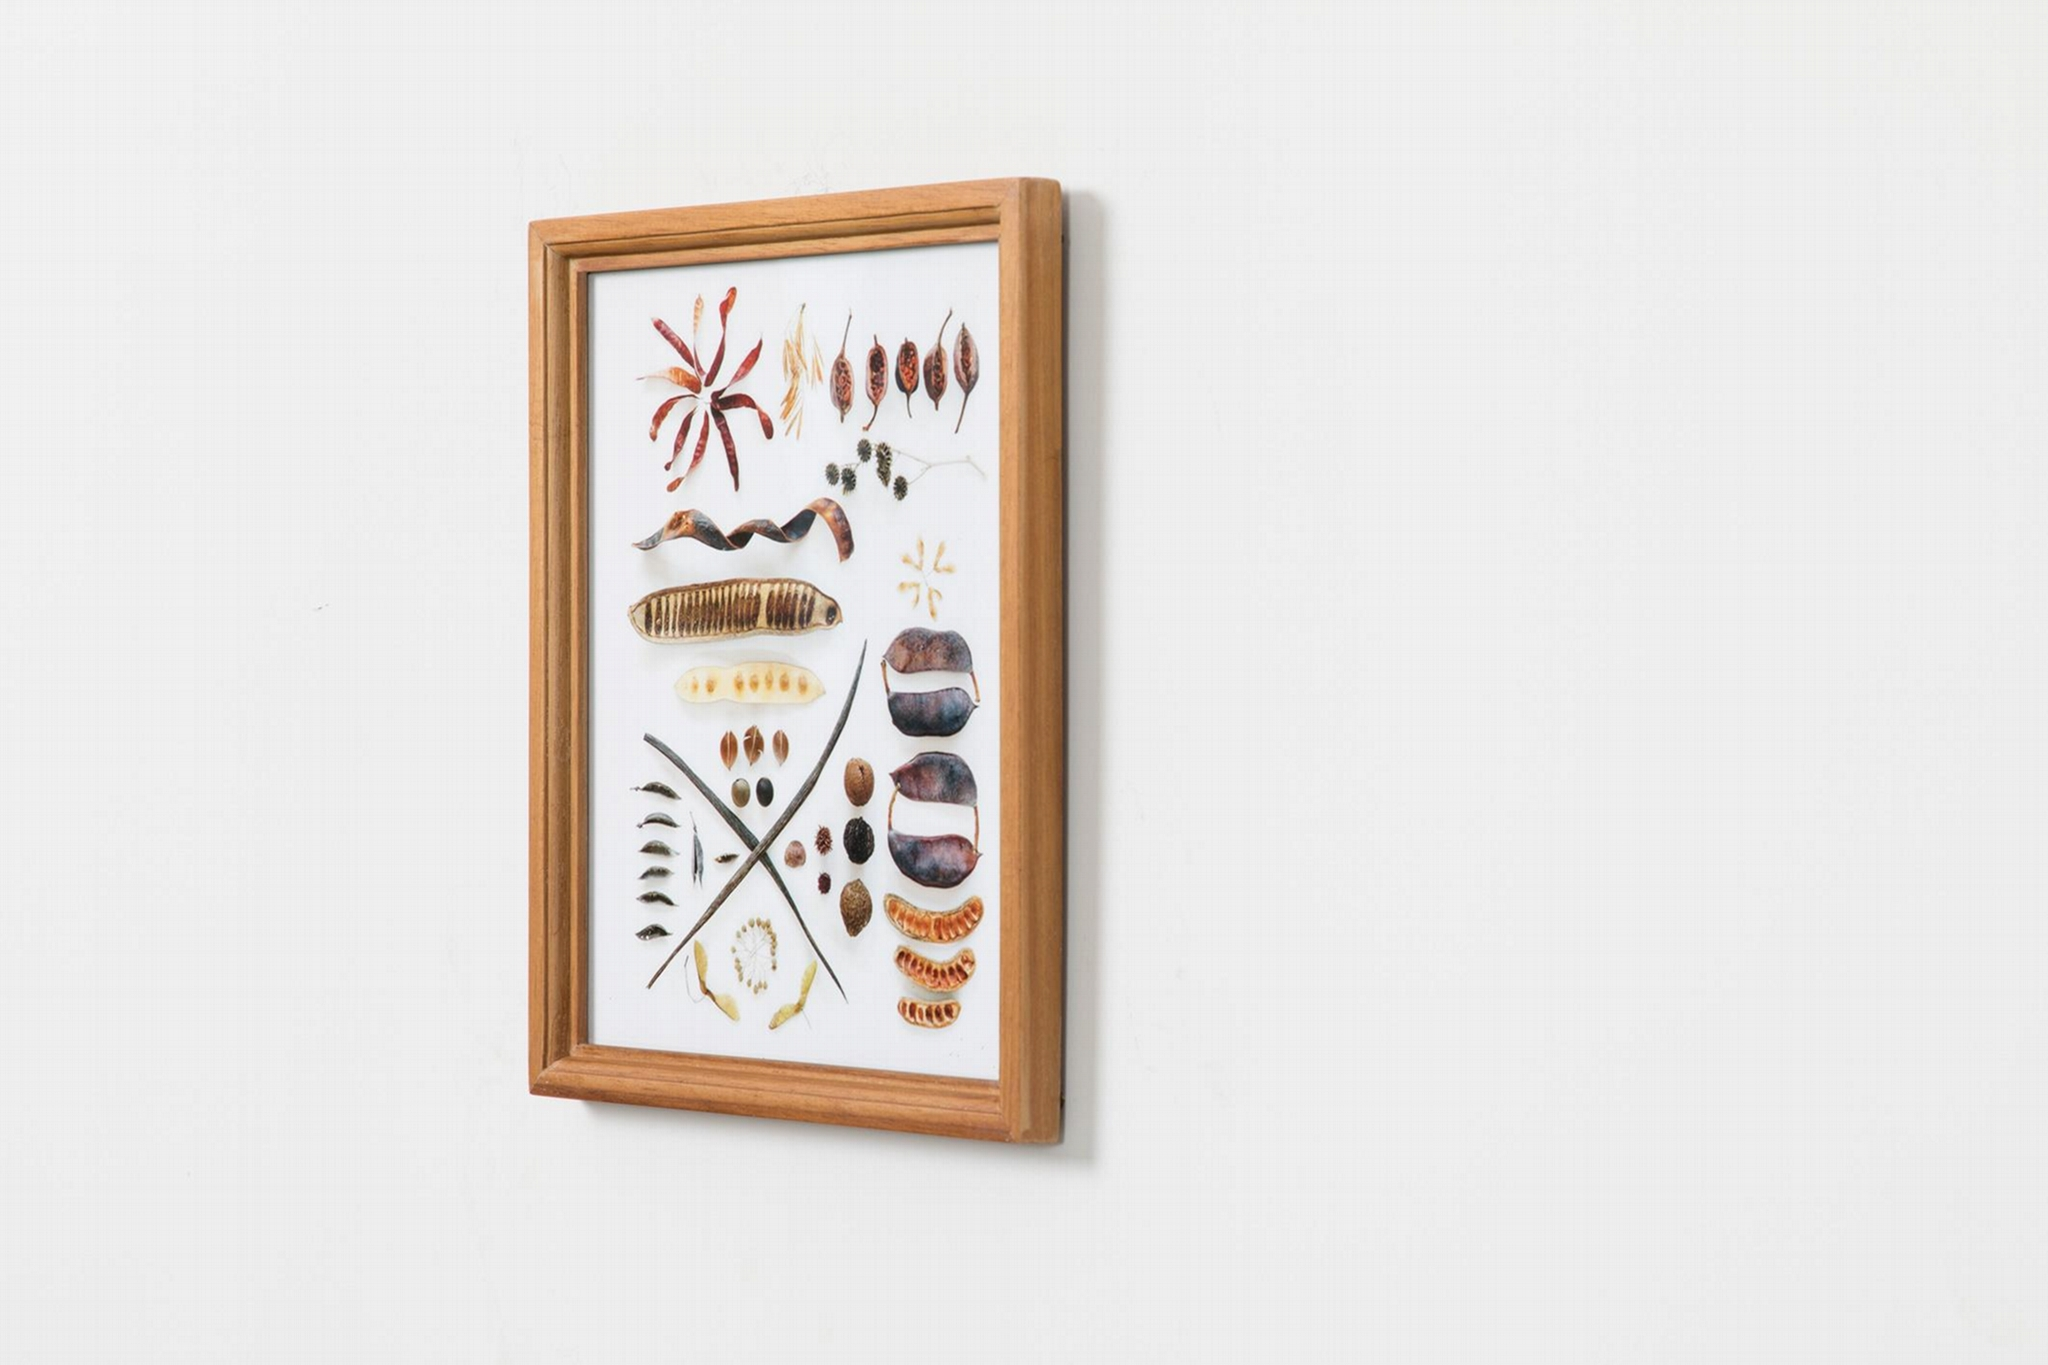 Solid wood frame 12